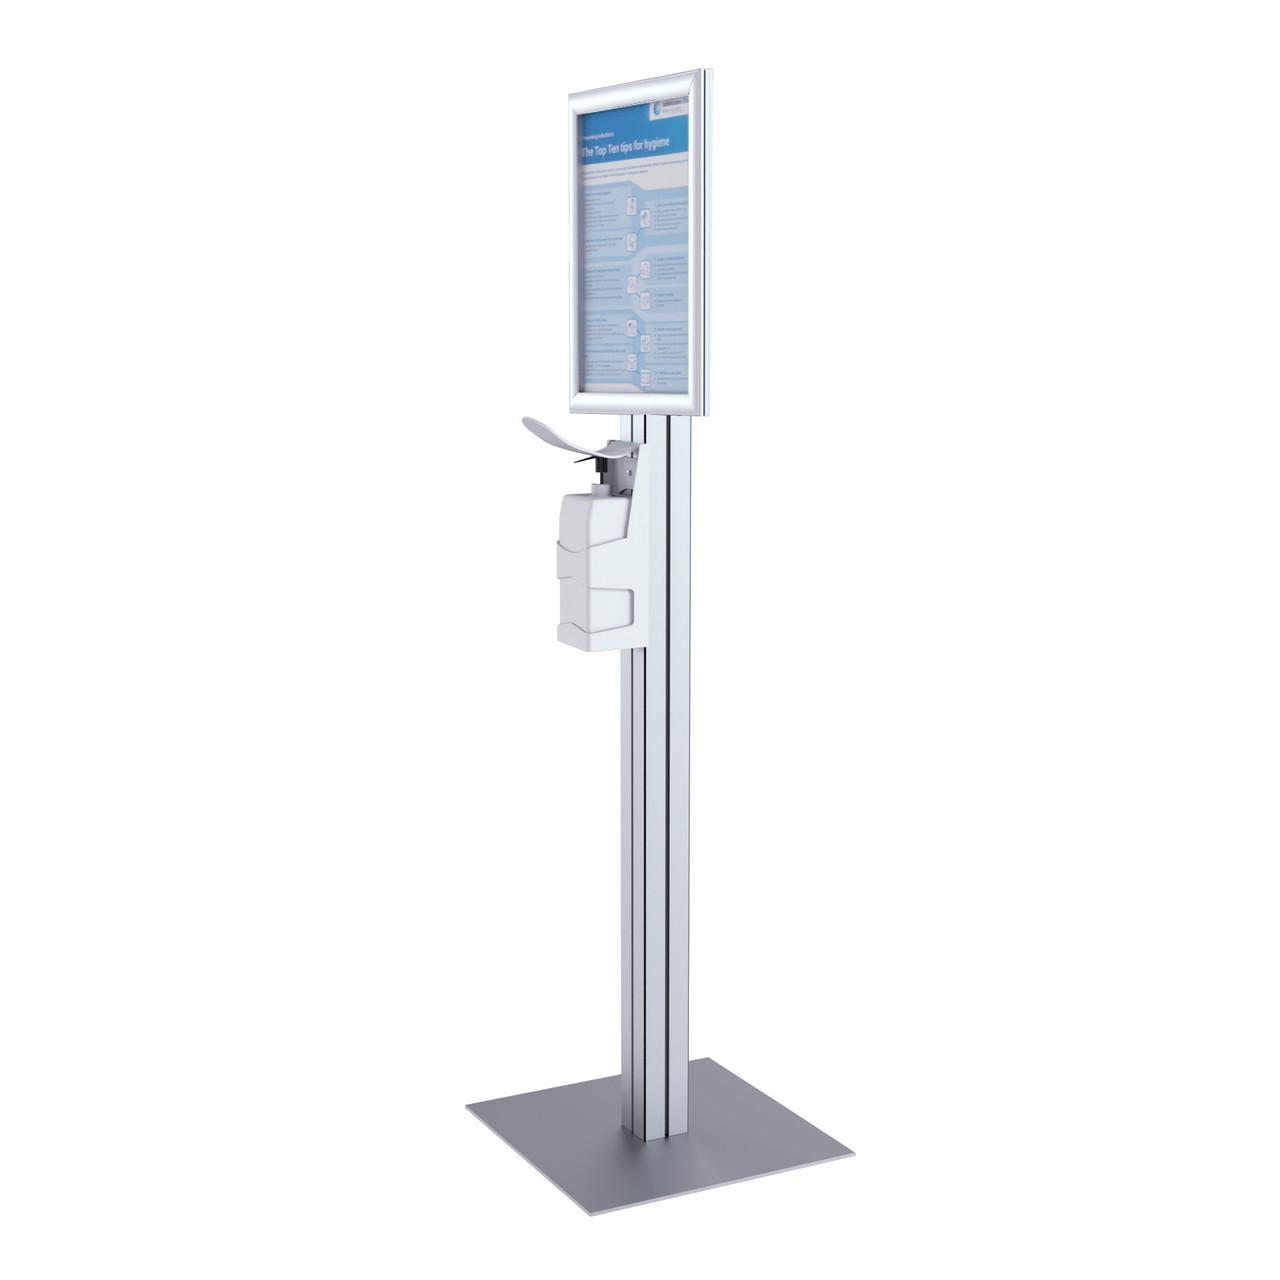 FS150 Sterimax Freestanding Modular Hand Sanitiser Dispenser